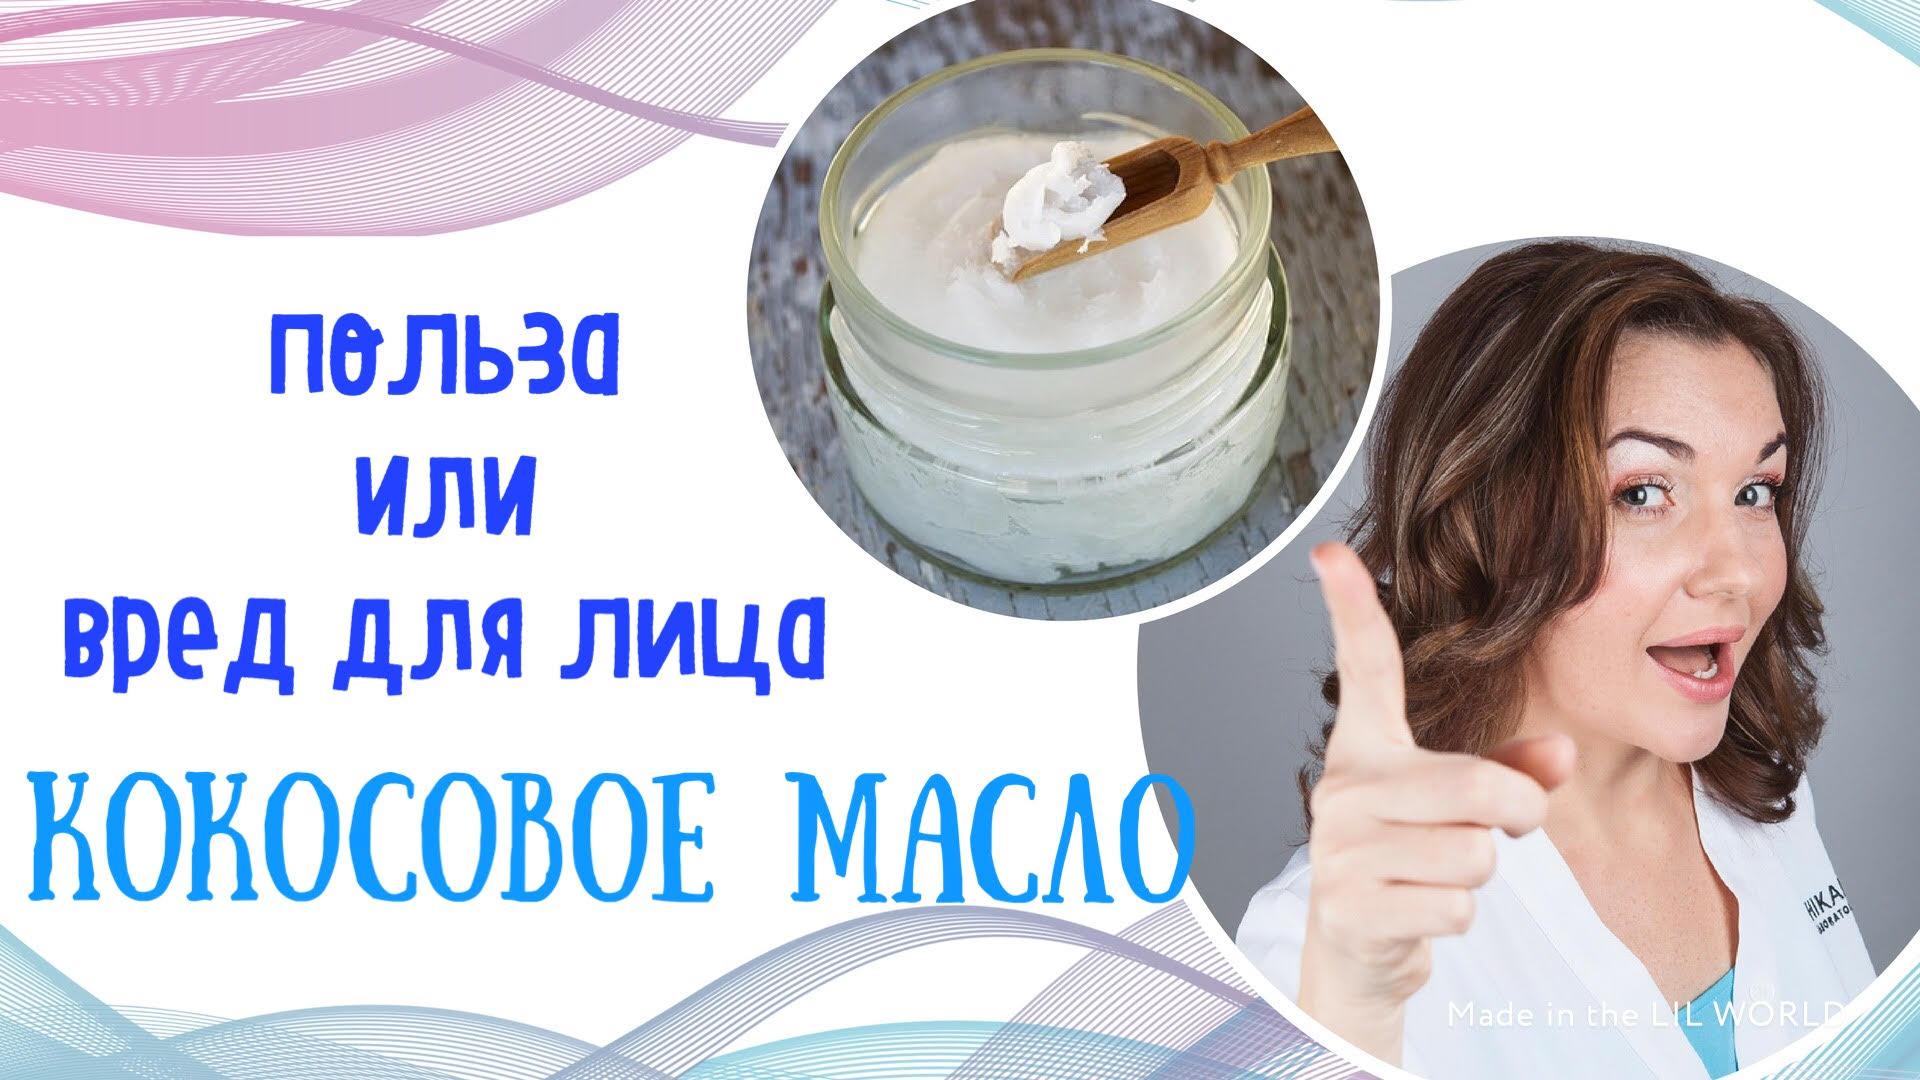 Разоблачение кокосового масла